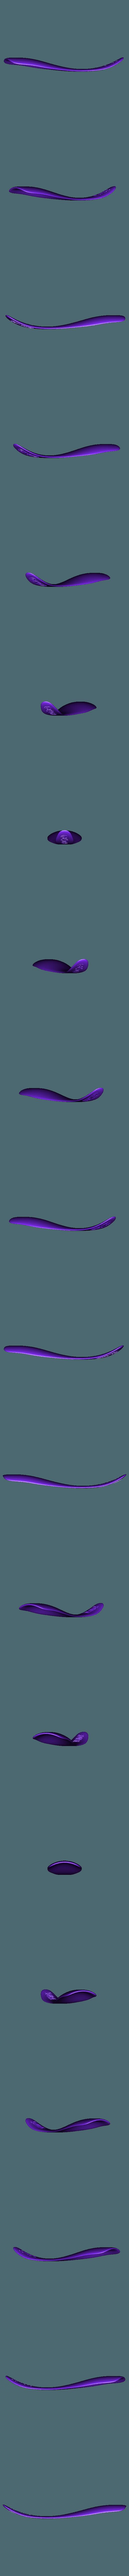 SchoenLepel3DWP.stl Download free STL file Shoe Horn • 3D printable object, 3DWP